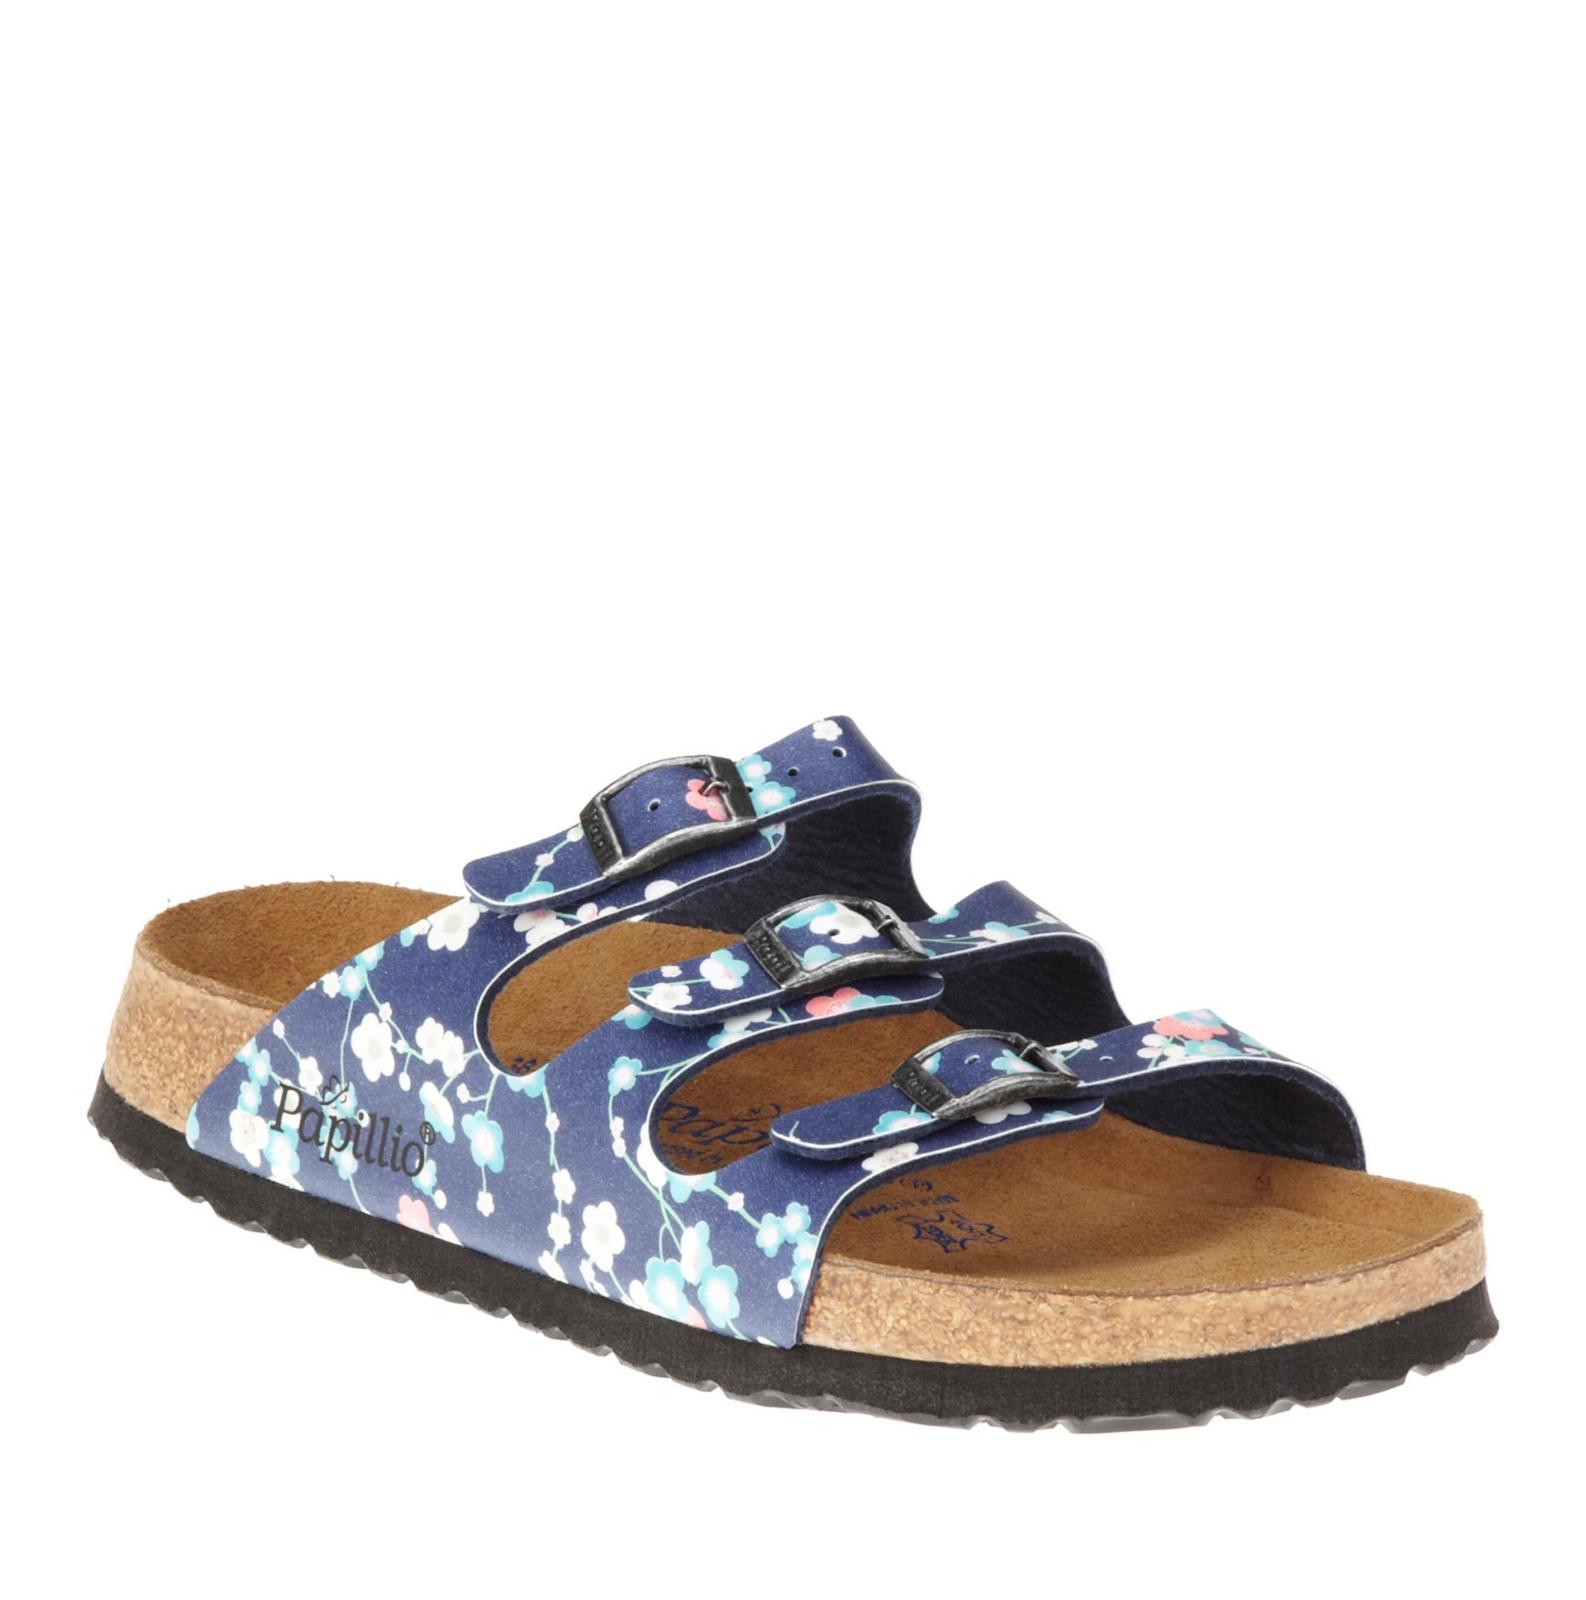 papillio by birkenstock florida soft footbed slide sandals. Black Bedroom Furniture Sets. Home Design Ideas